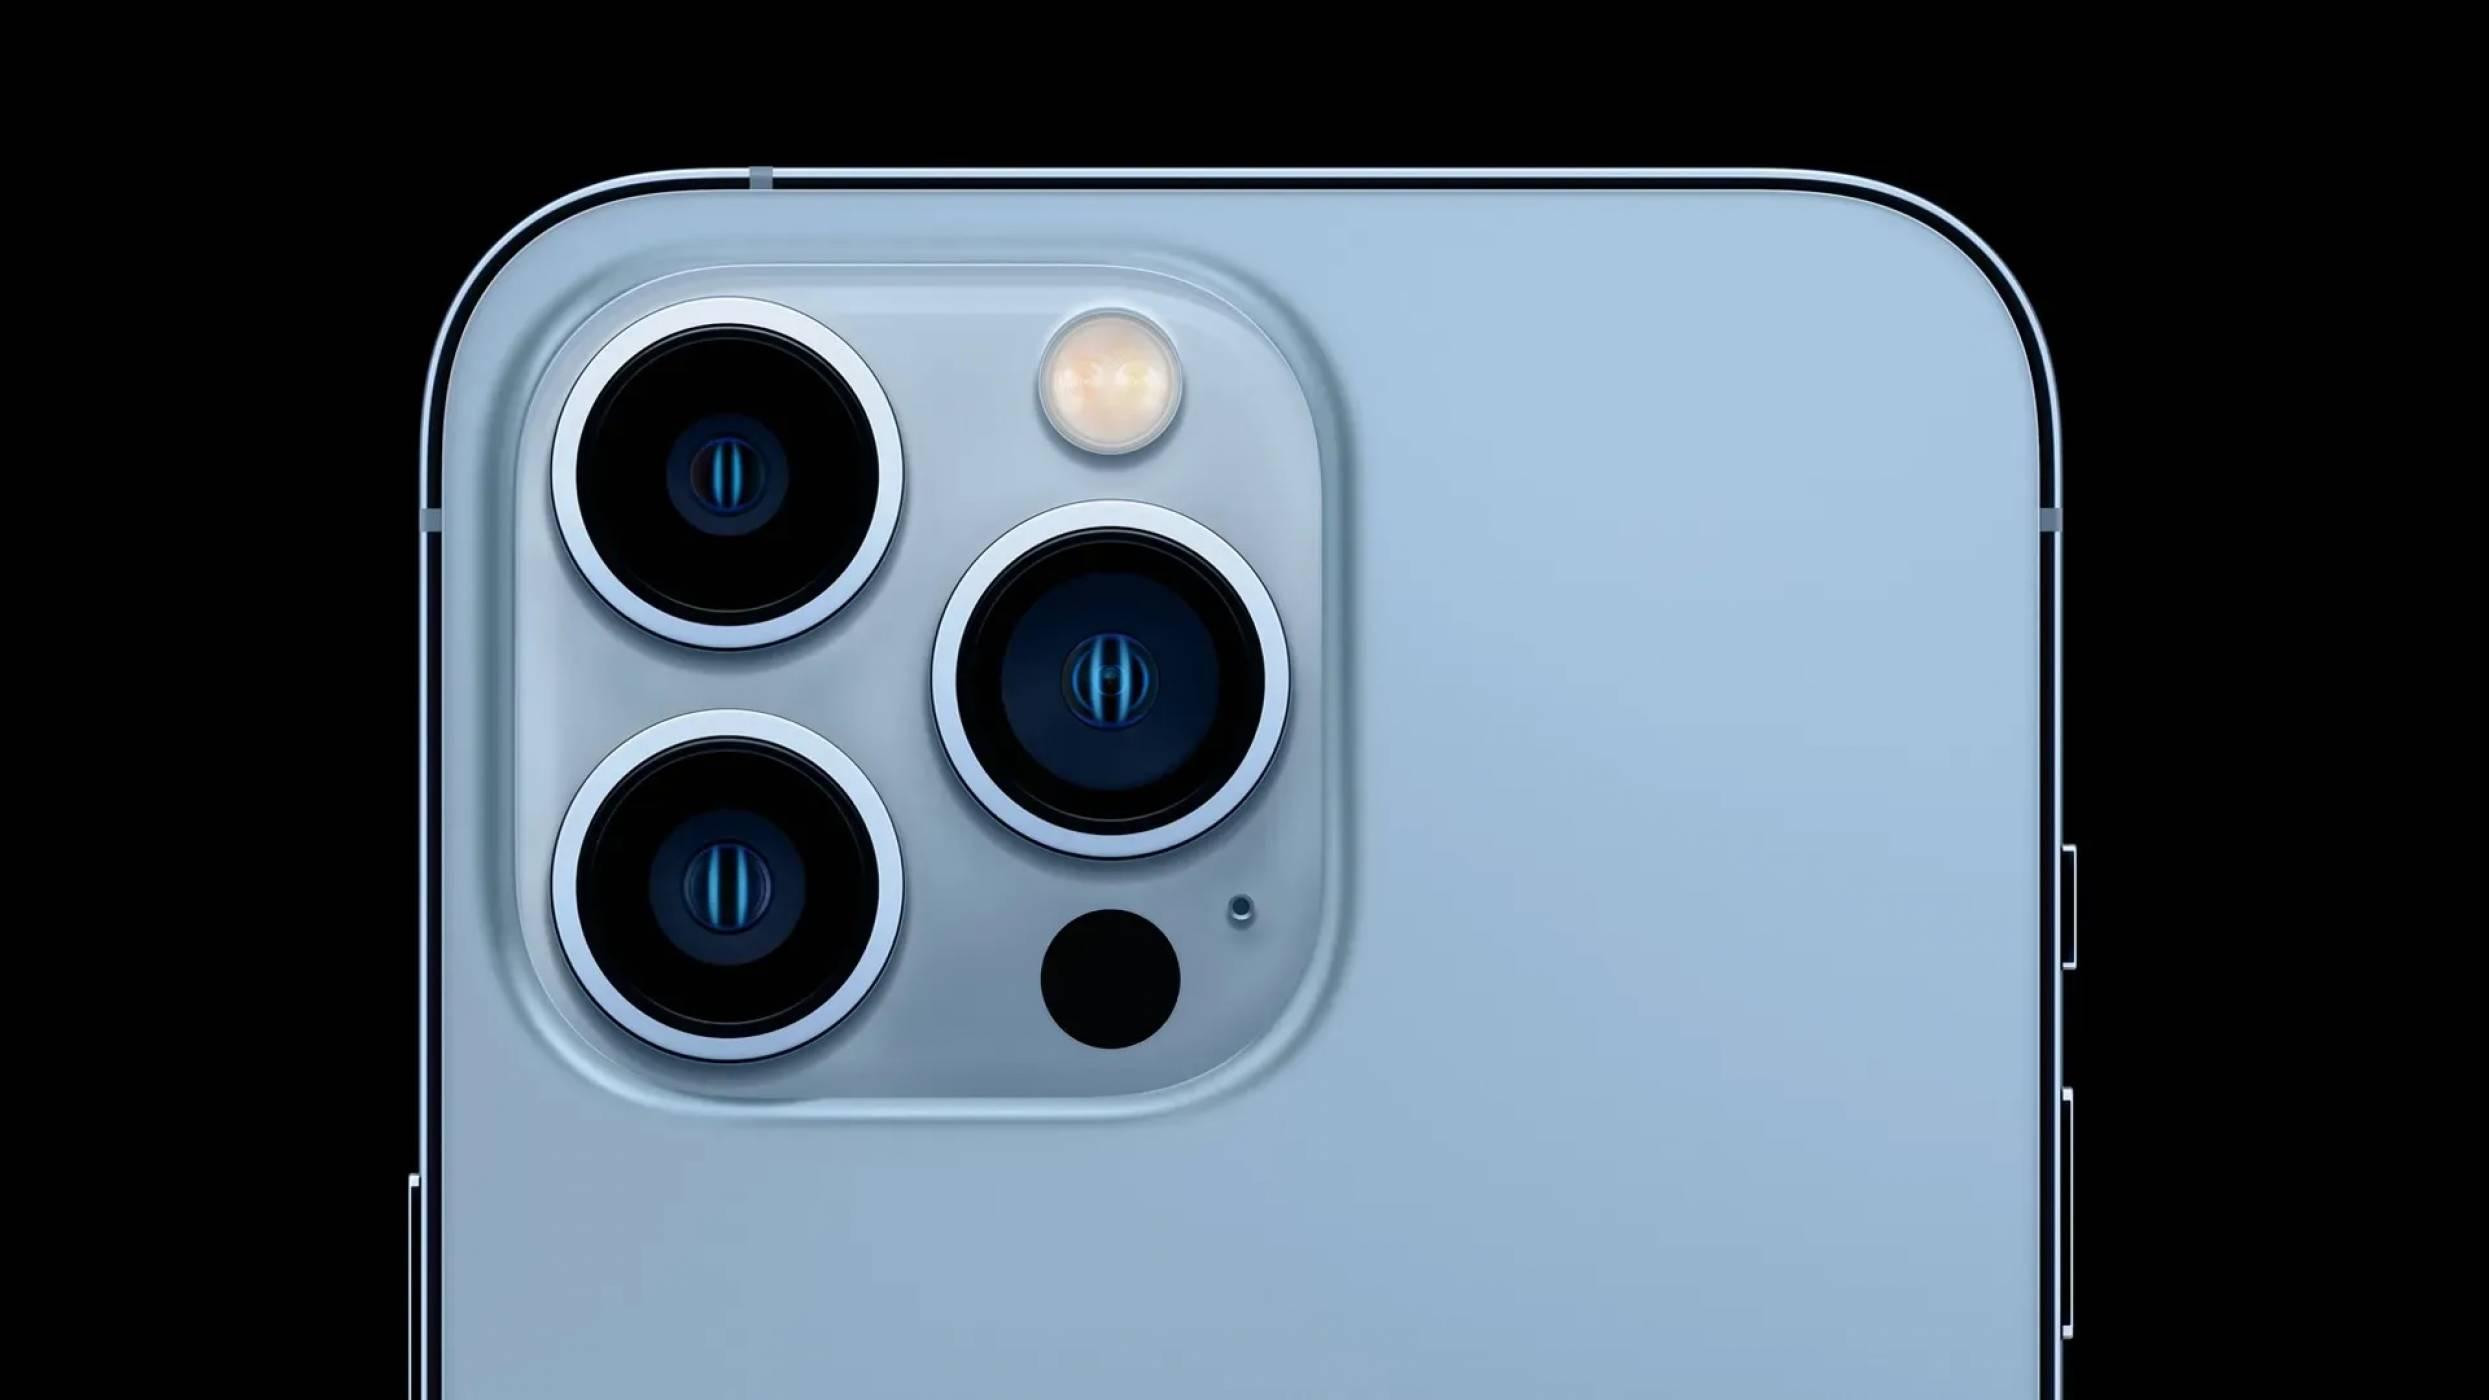 iPhone 13 Pro Max срещу Galaxy S21 Ultra в тест за скорост и престиж (ВИДЕО)